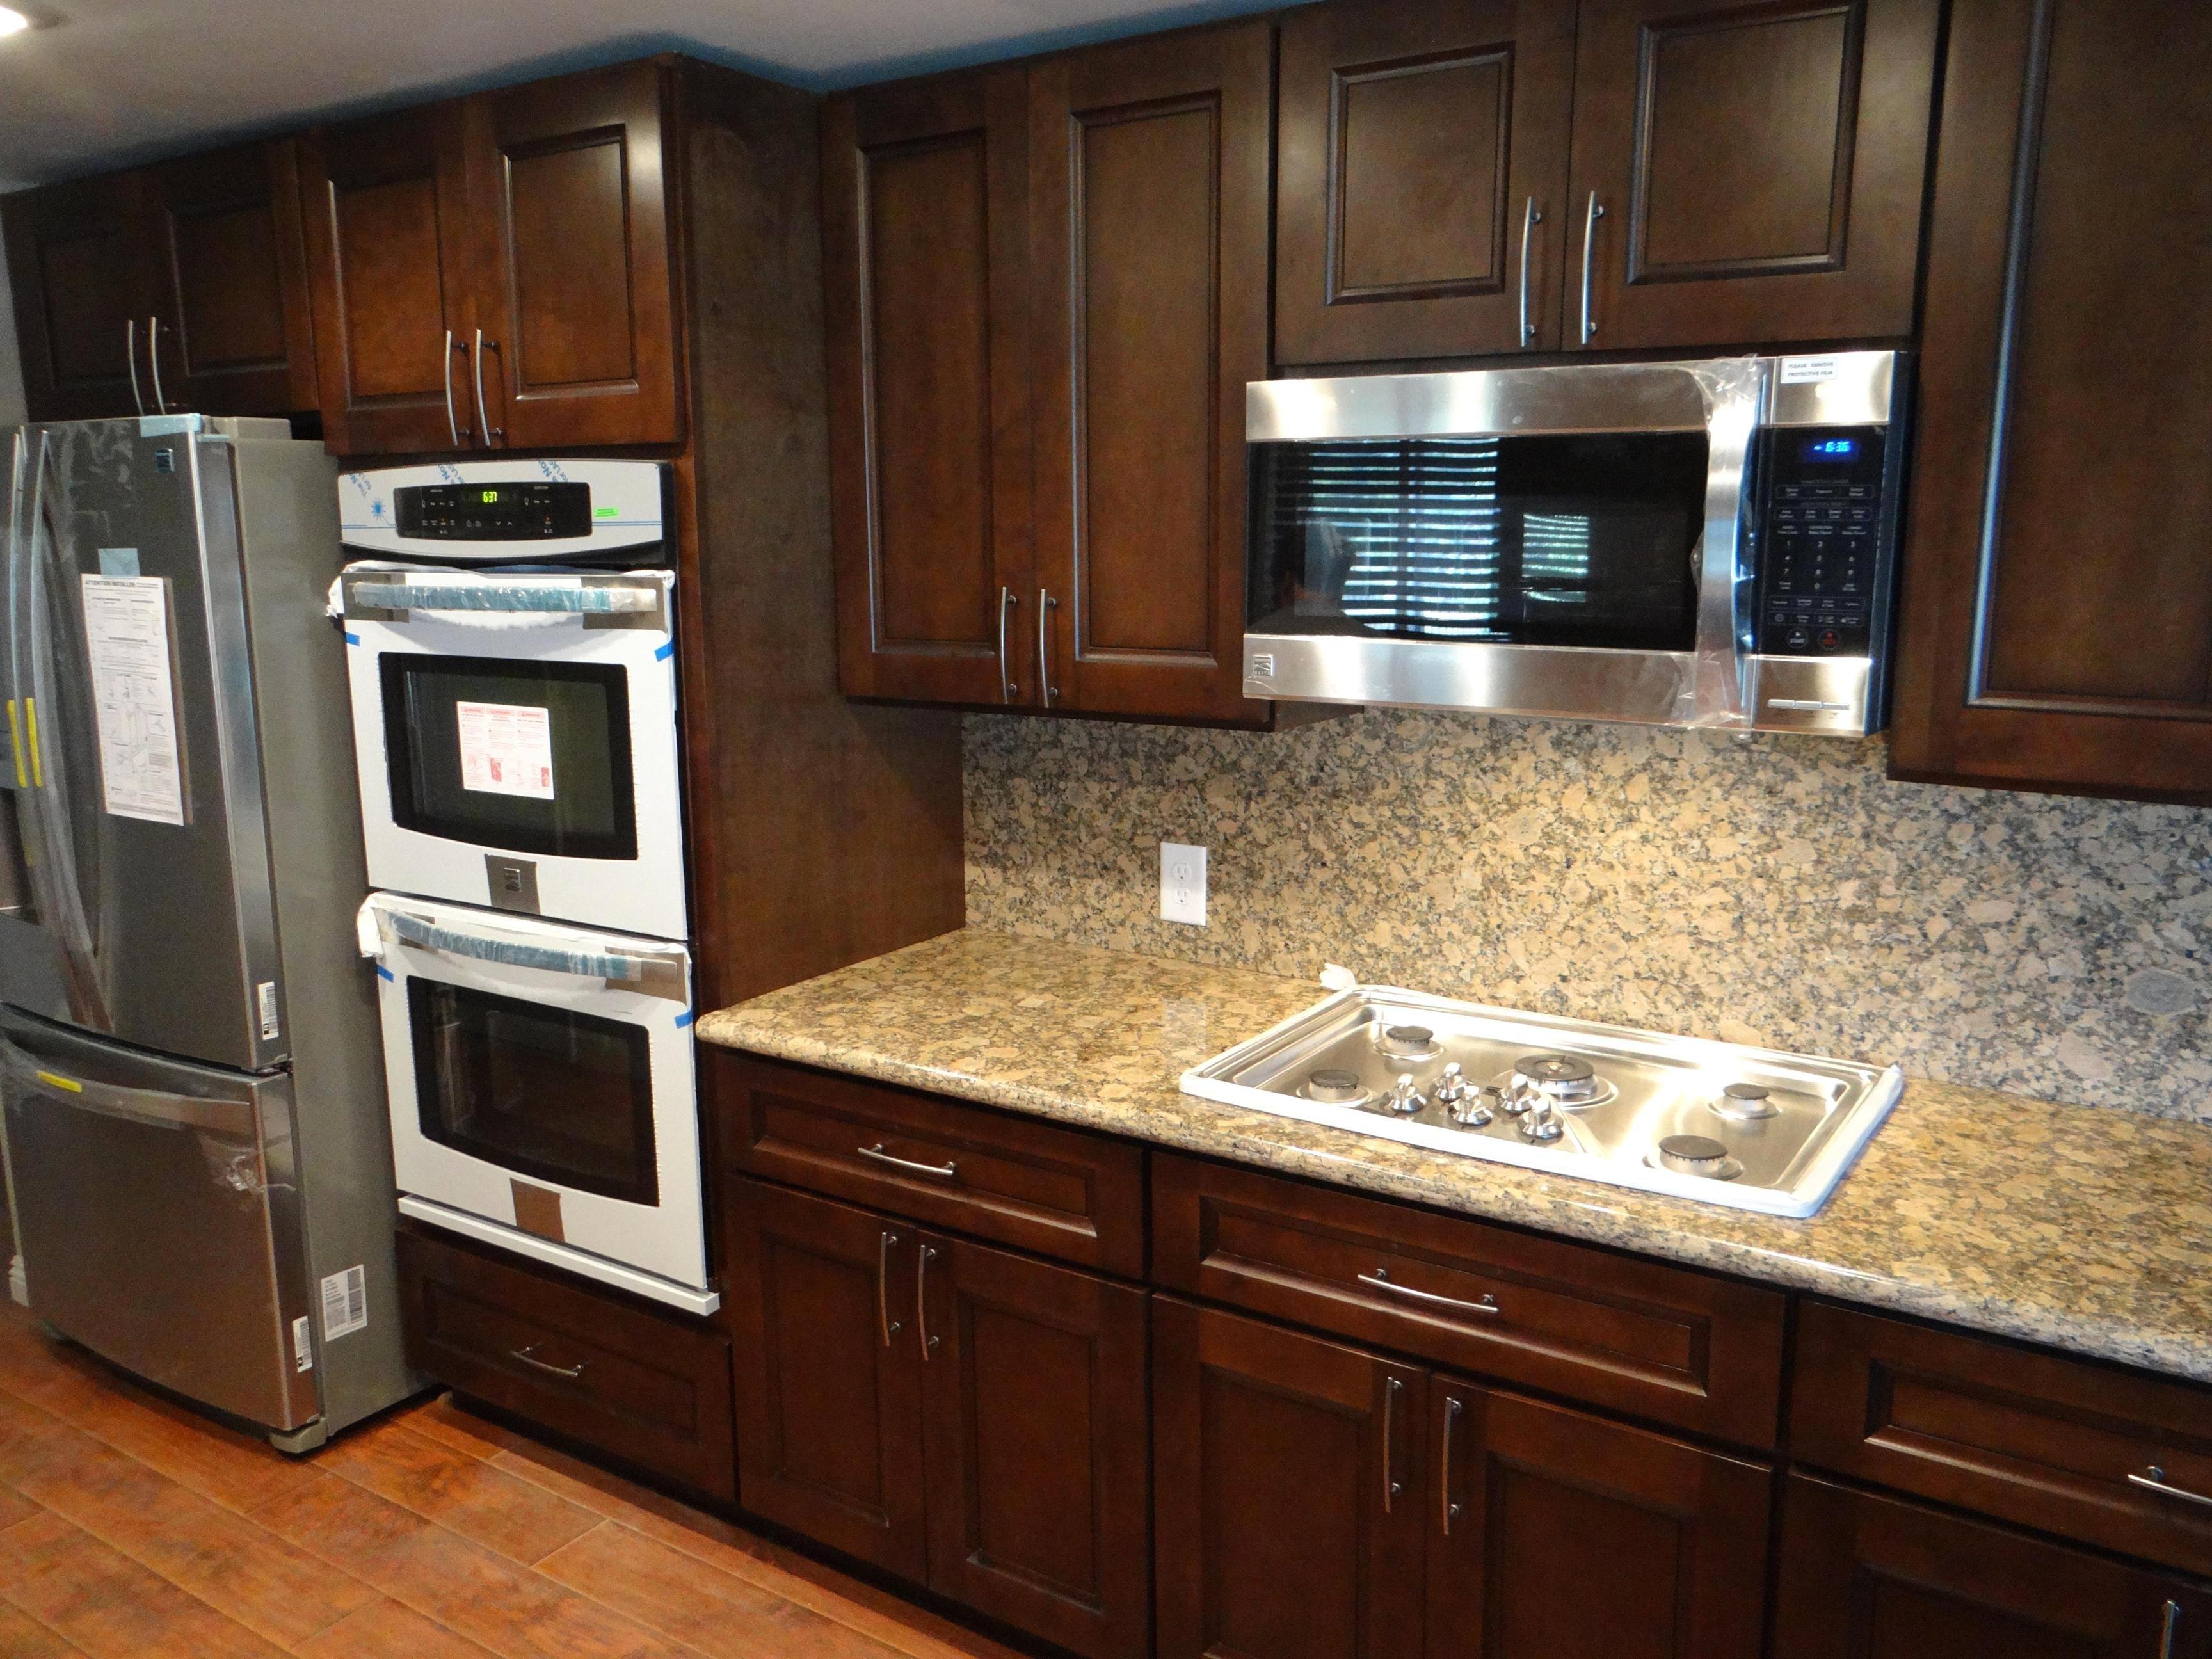 kitchen backsplash ideas for brown cabinets | Espresso ...